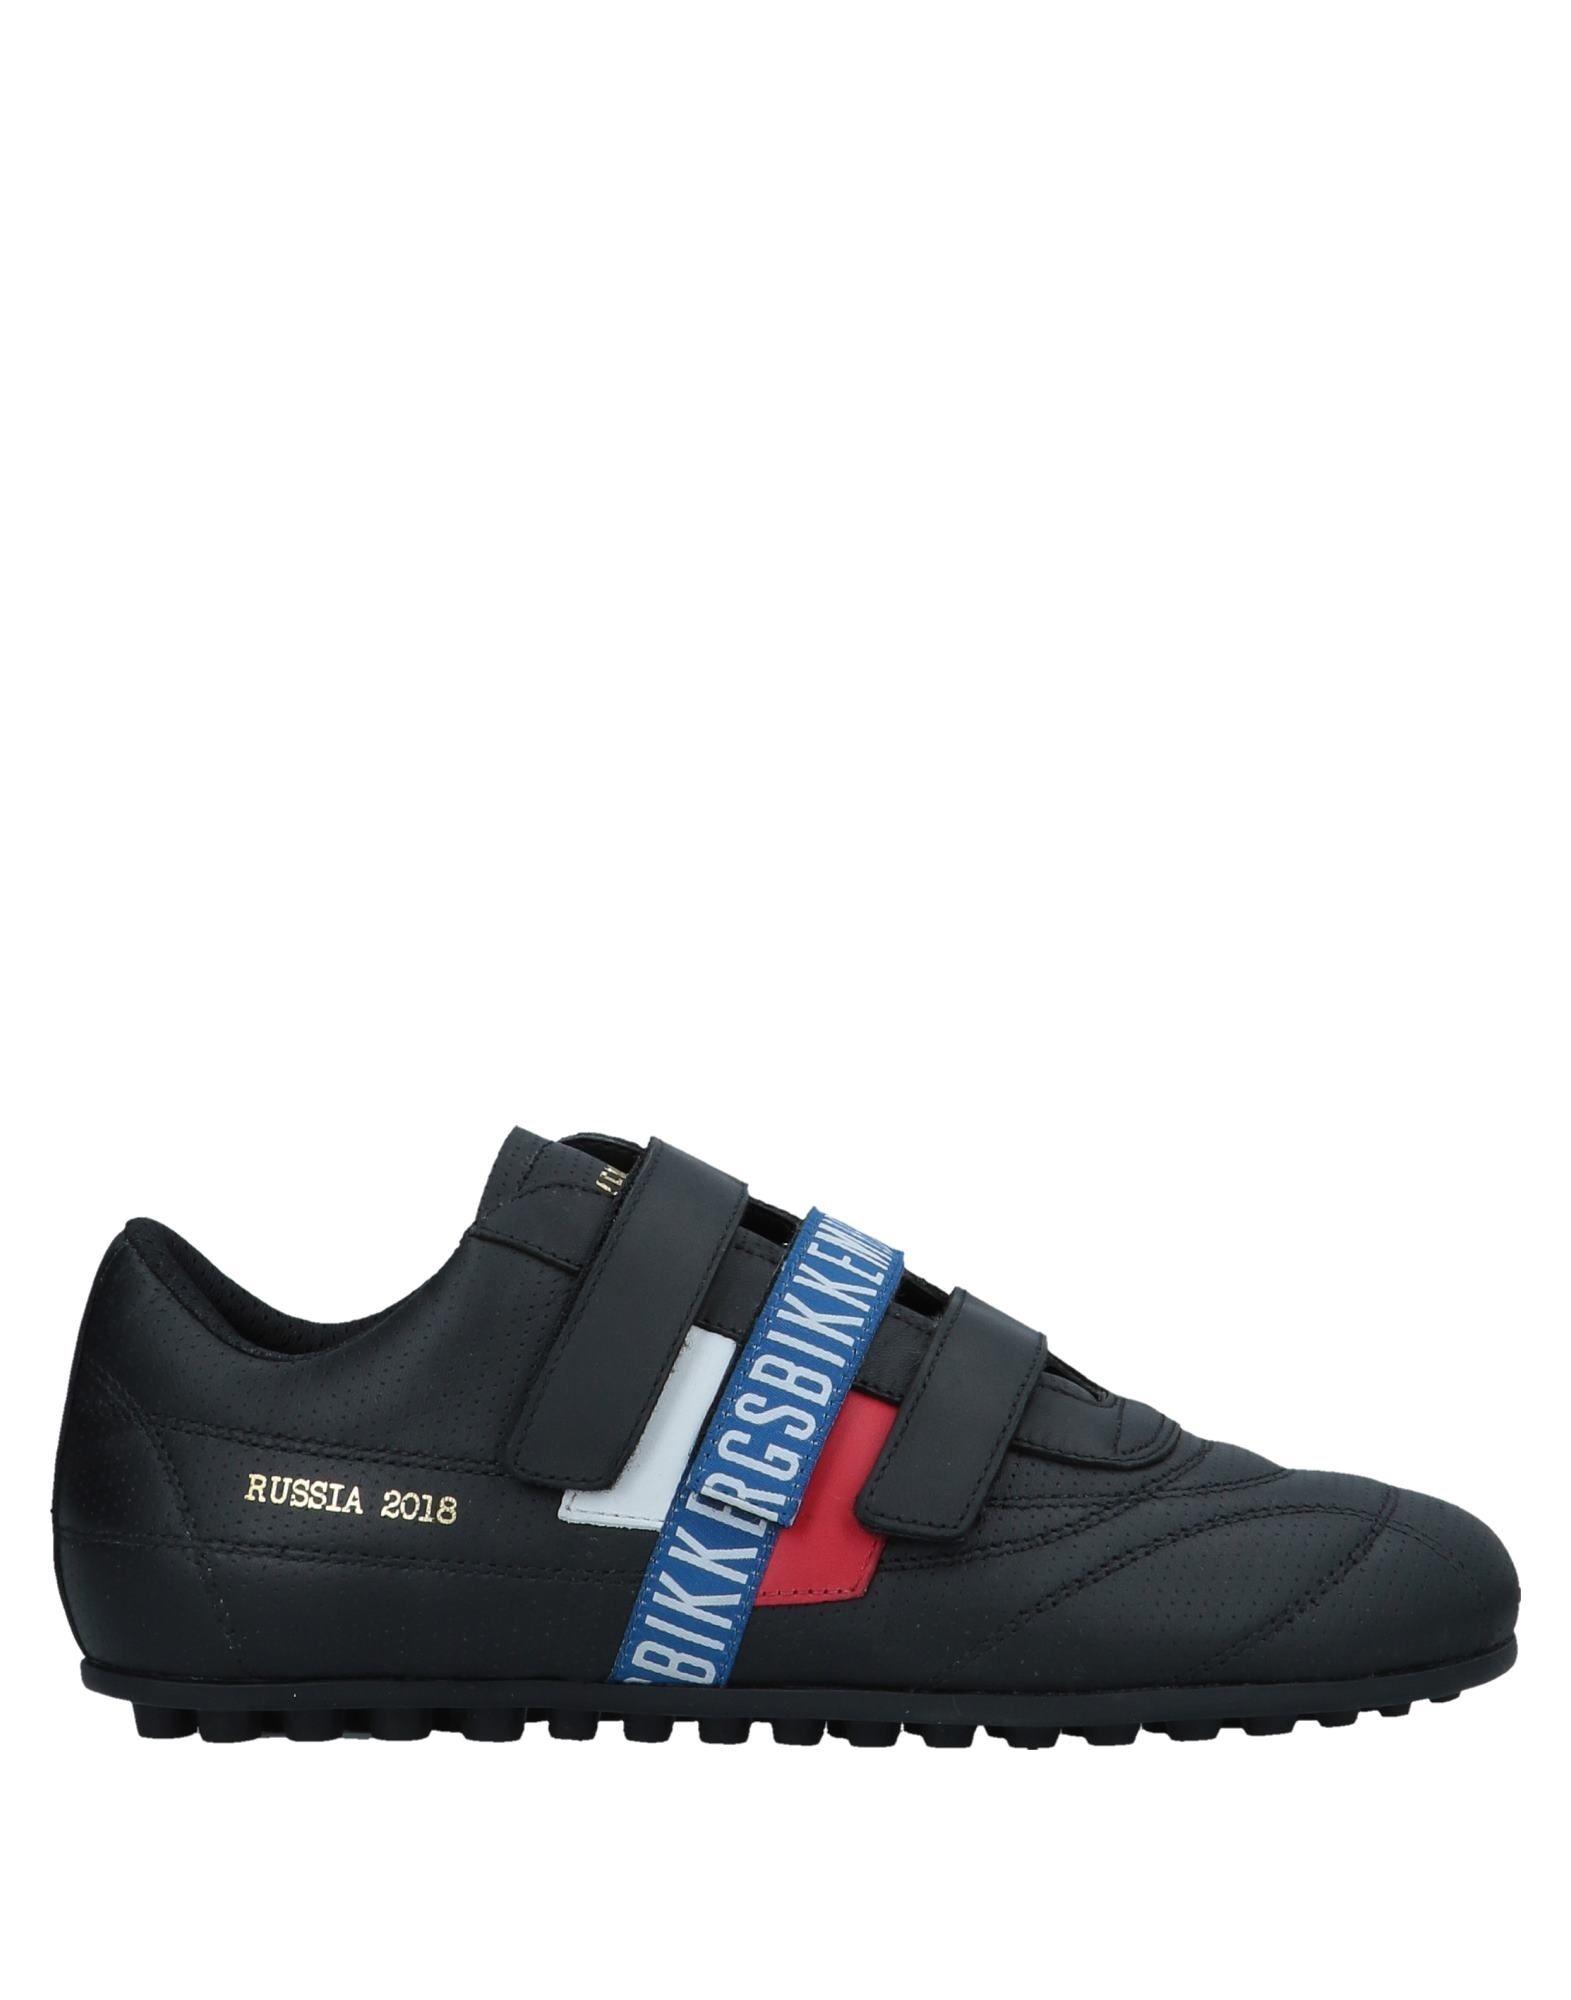 promo code 4e599 f7693 Sneakers in Black